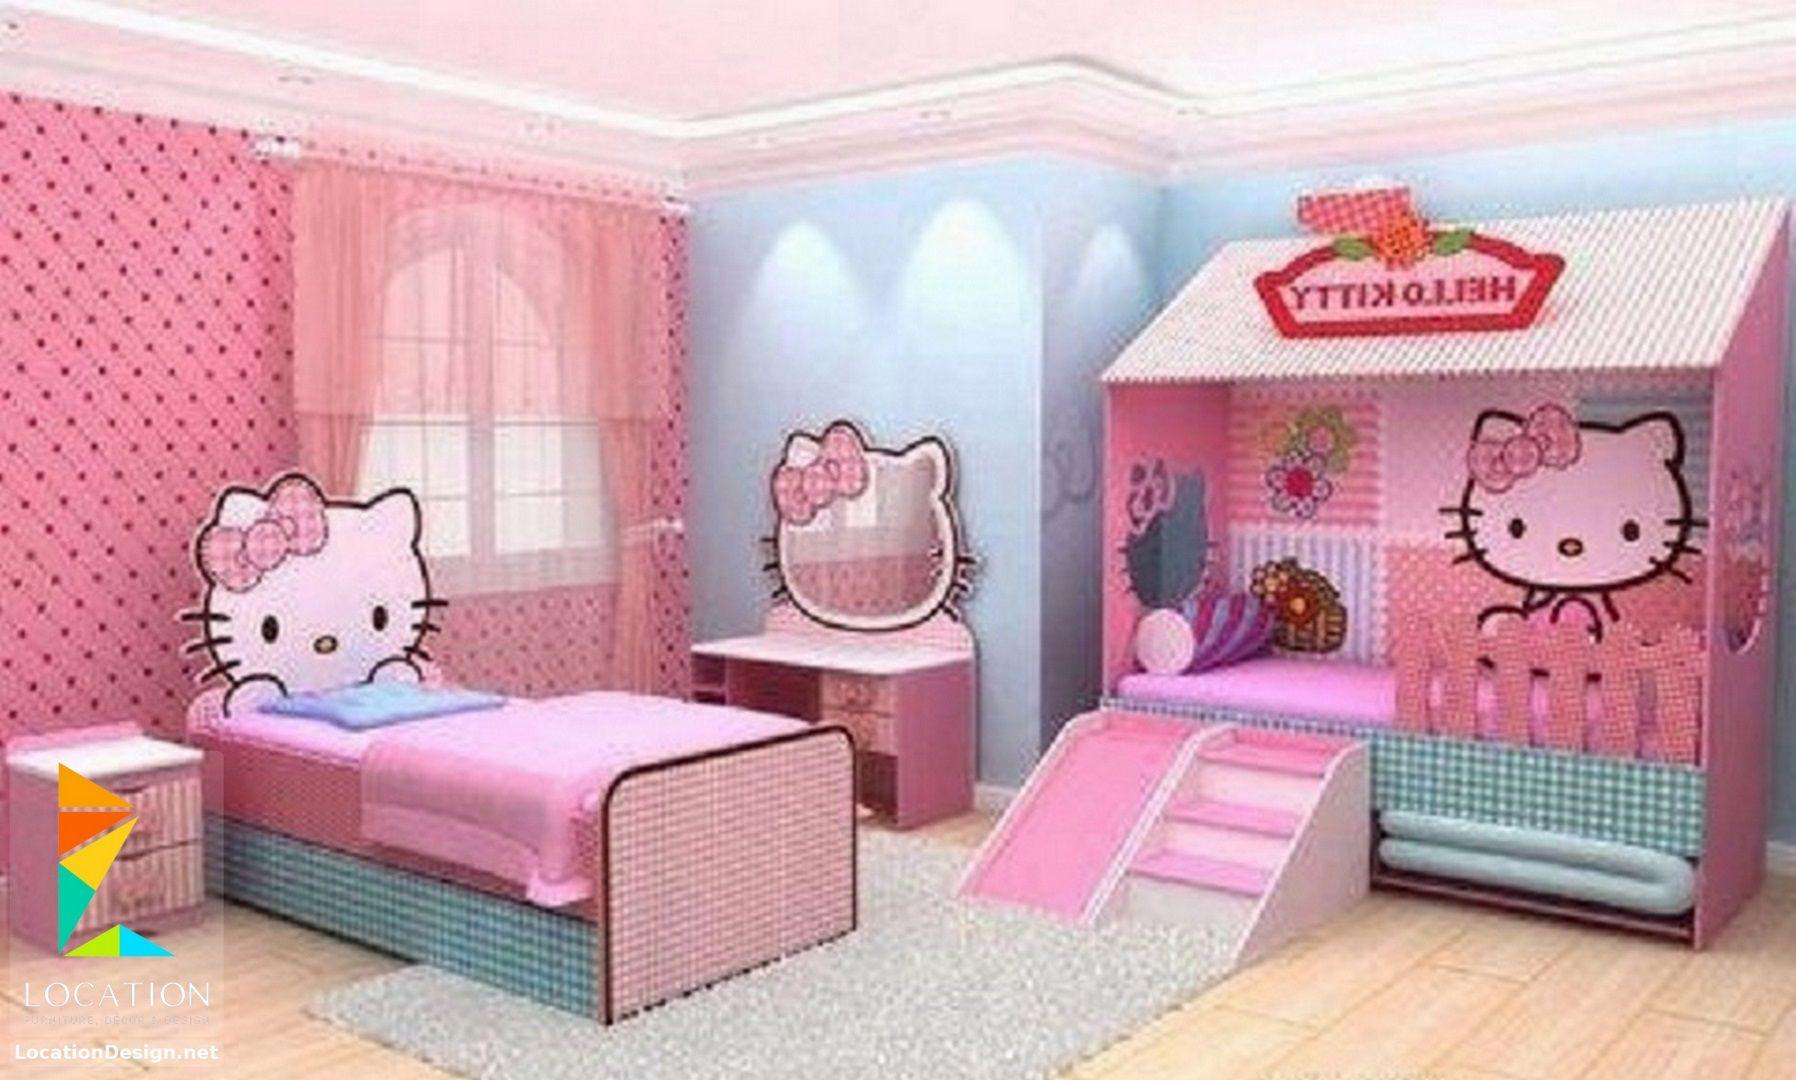 اشكال غرف نوم اطفال مودرن للأولاد والبنات Hello Kitty Rooms